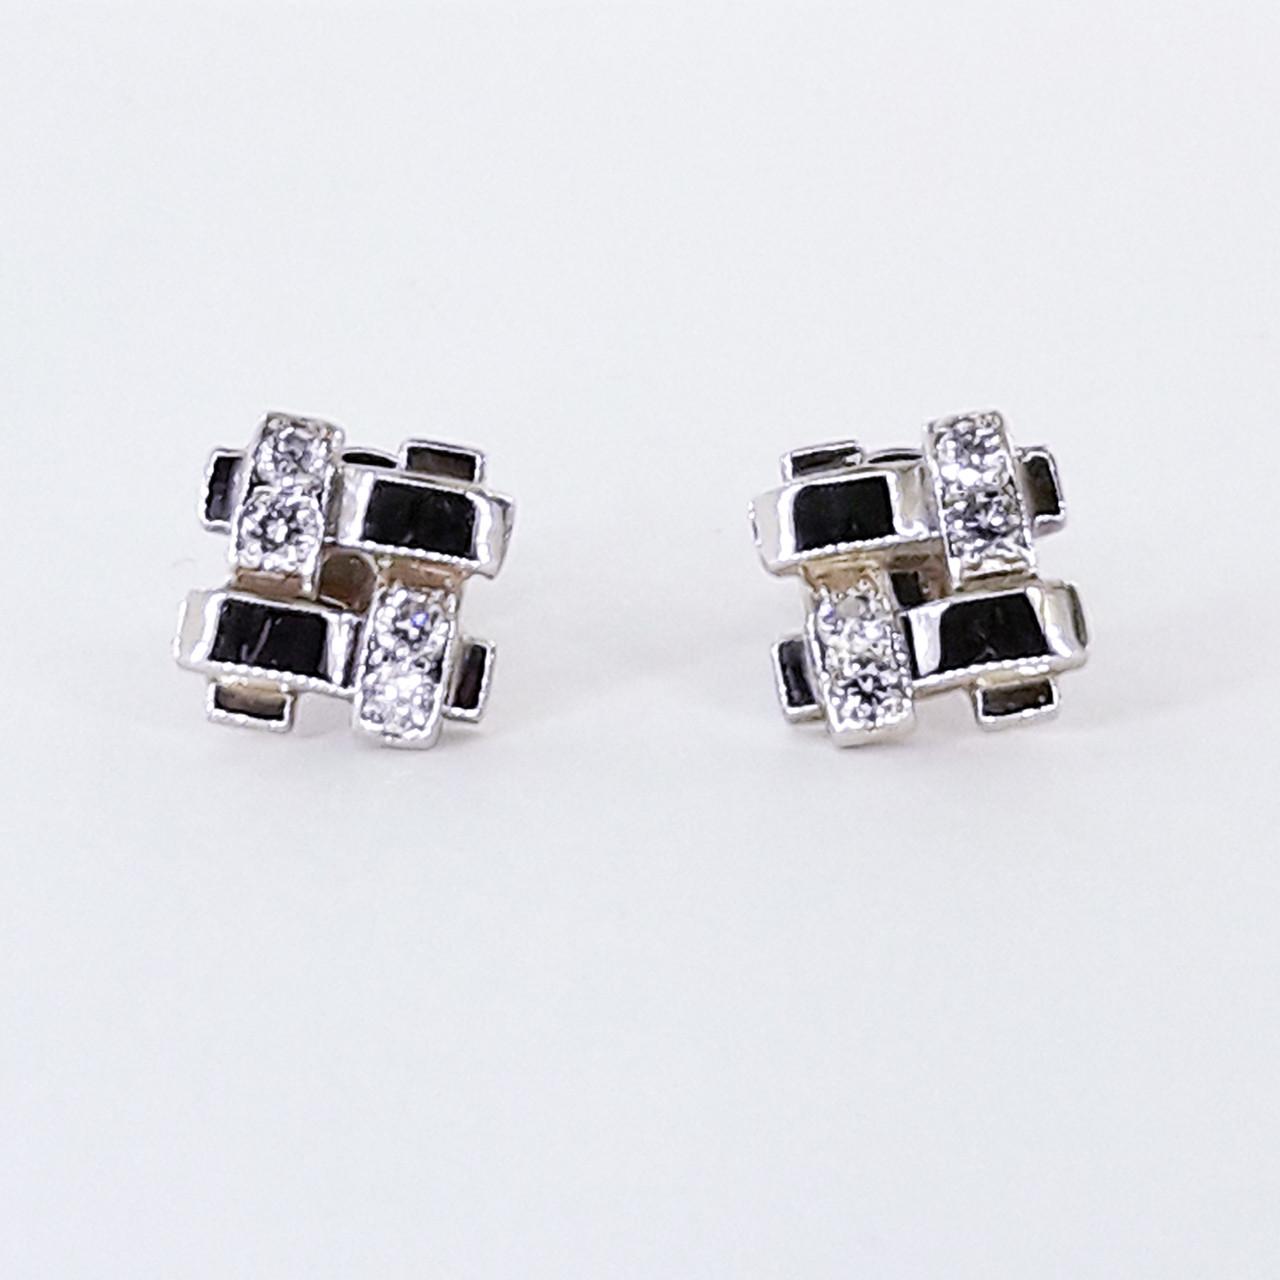 Золотые серьги в белом золоте с бриллиантами, гвоздики/пусеты